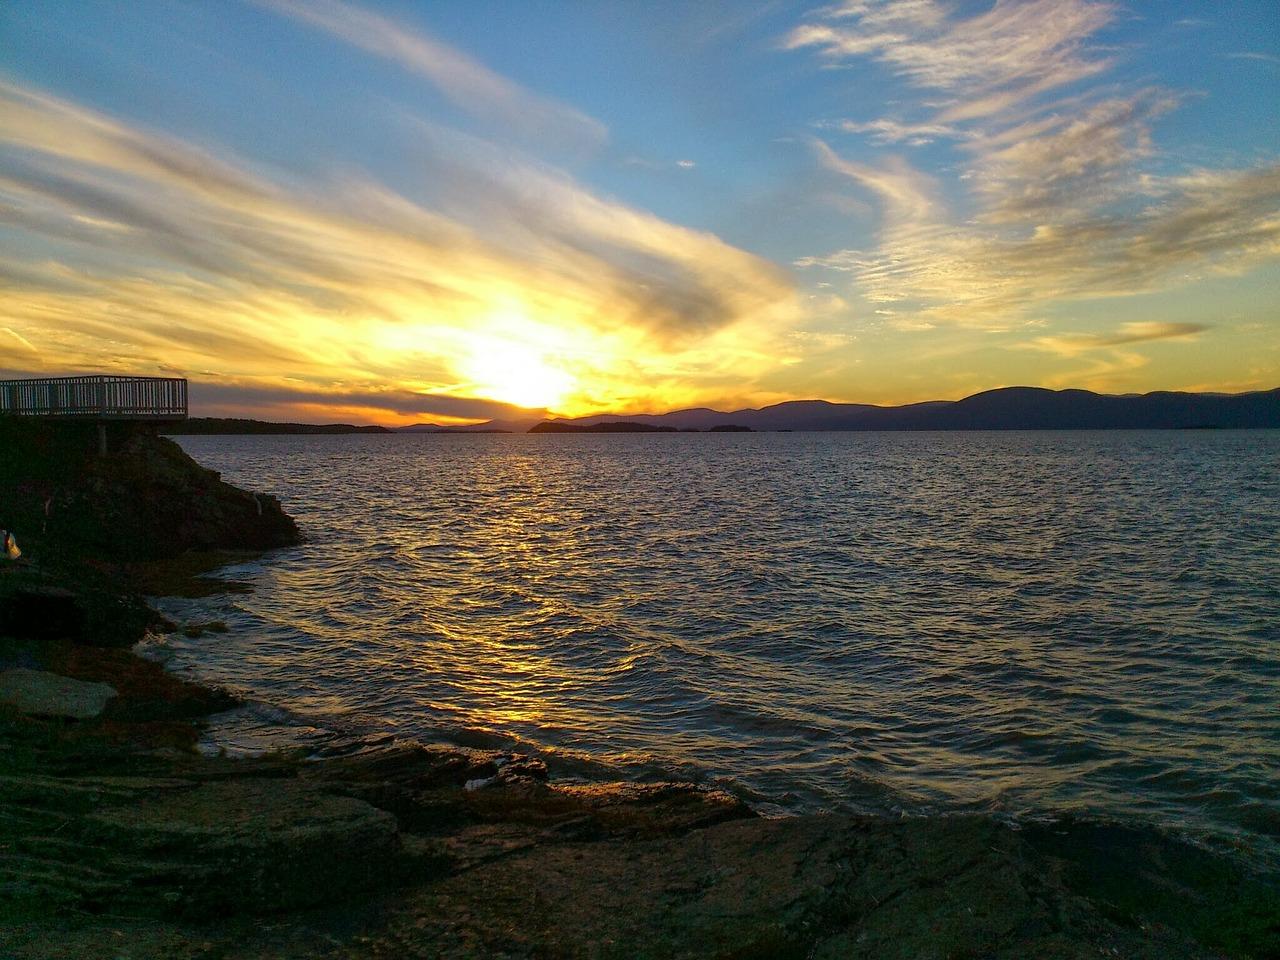 Longueuil rejettera plus de 160 millions de litres d'eaux usées dans le fleuve